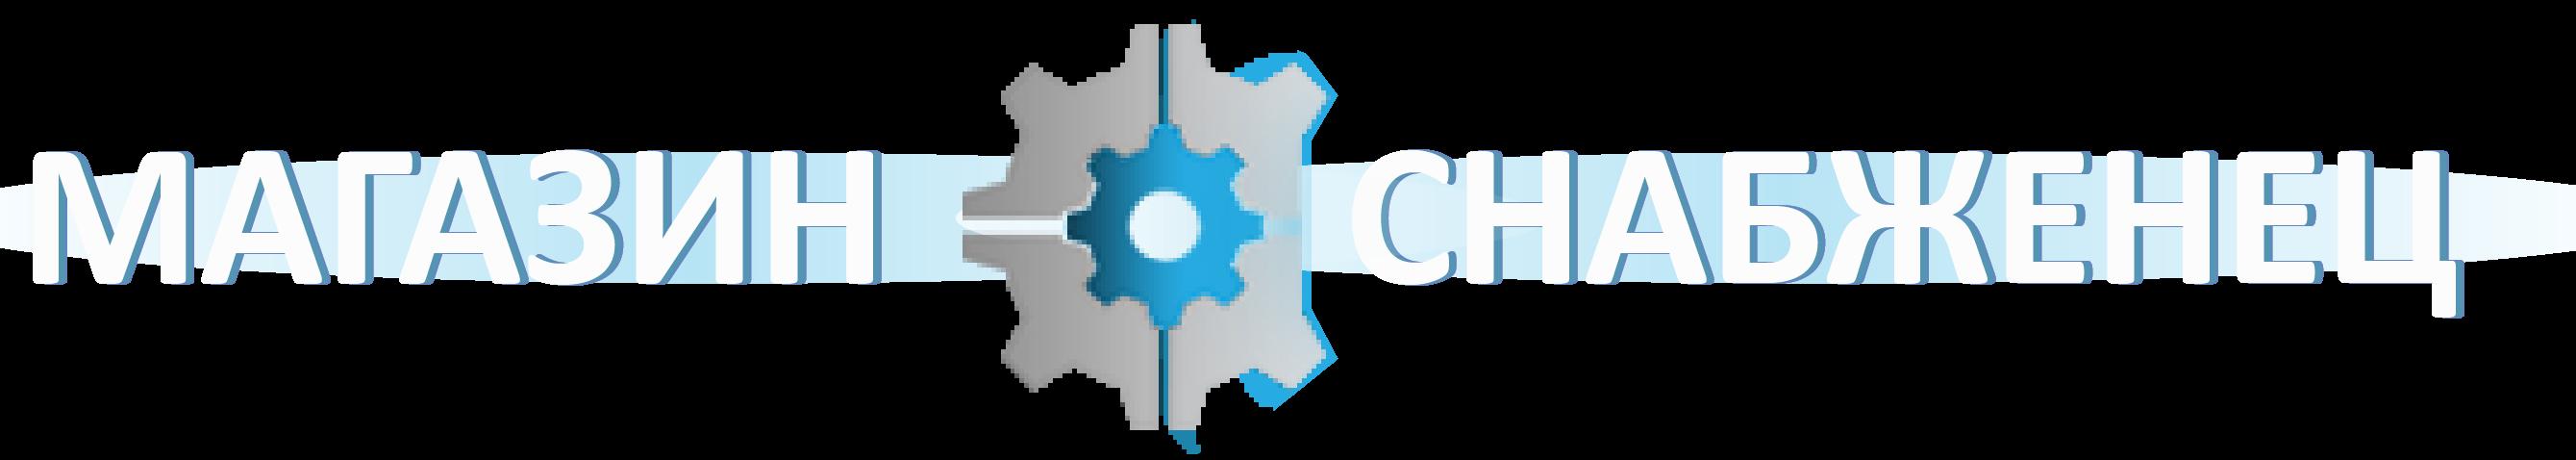 Тульские Технологии | Металлопрокат и металлообработка в Туле